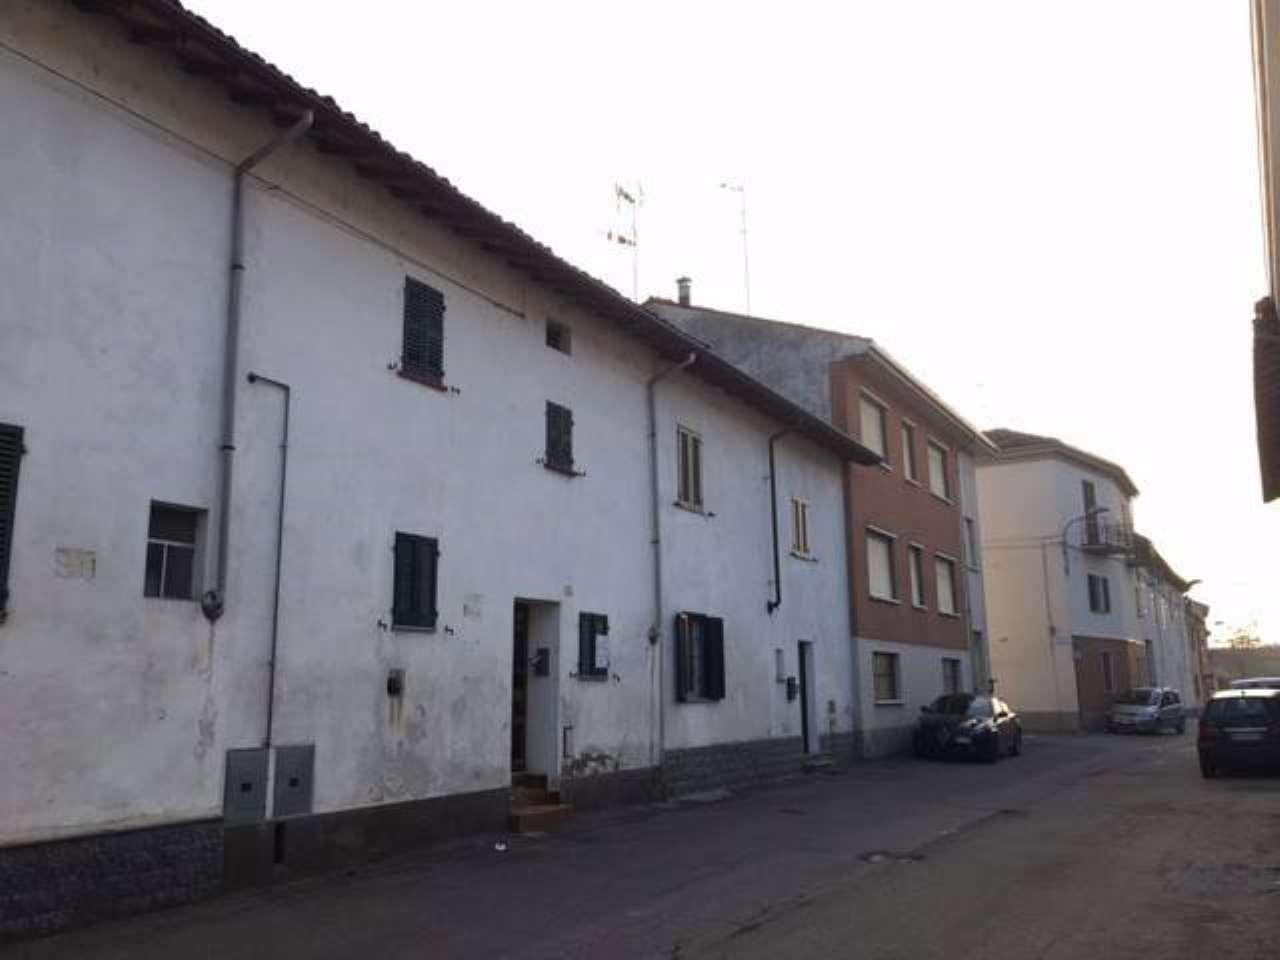 Villa in vendita a Solero, 9999 locali, prezzo € 65.000 | CambioCasa.it